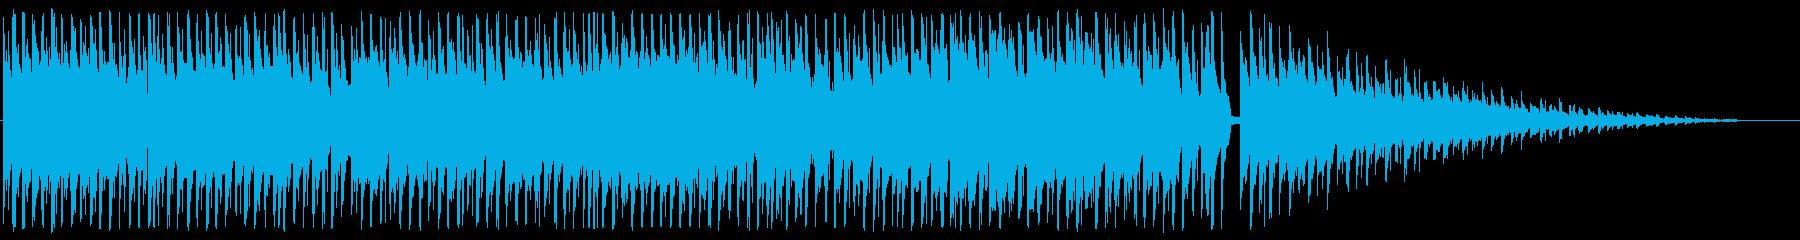 レトロ/エレクトロ_No455_5の再生済みの波形